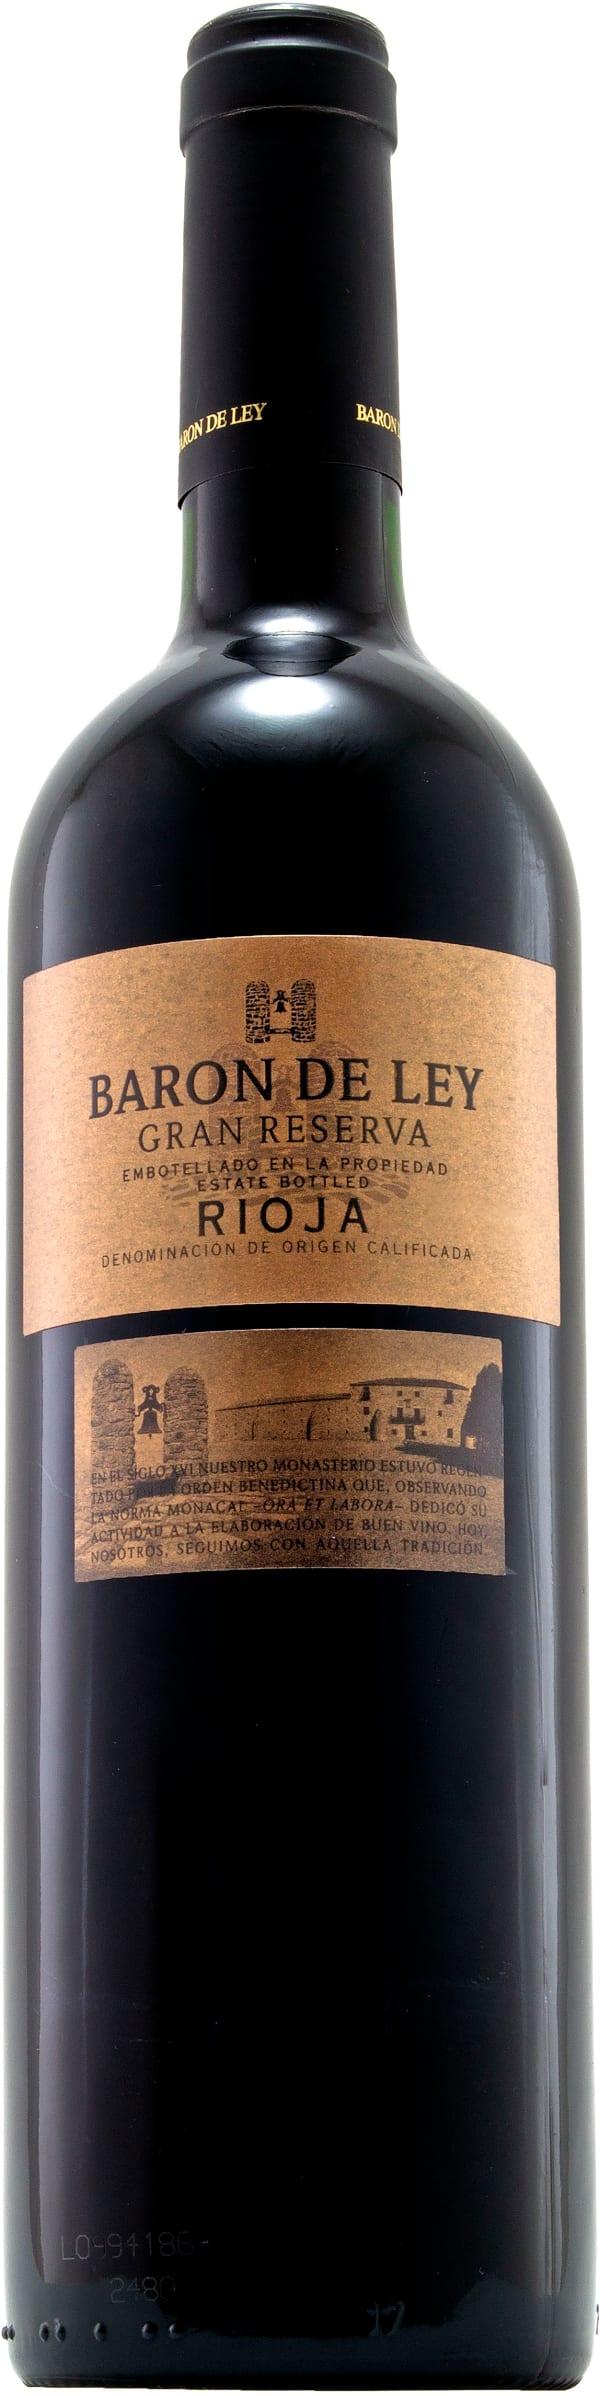 Baron de Ley Gran Reserva 2012